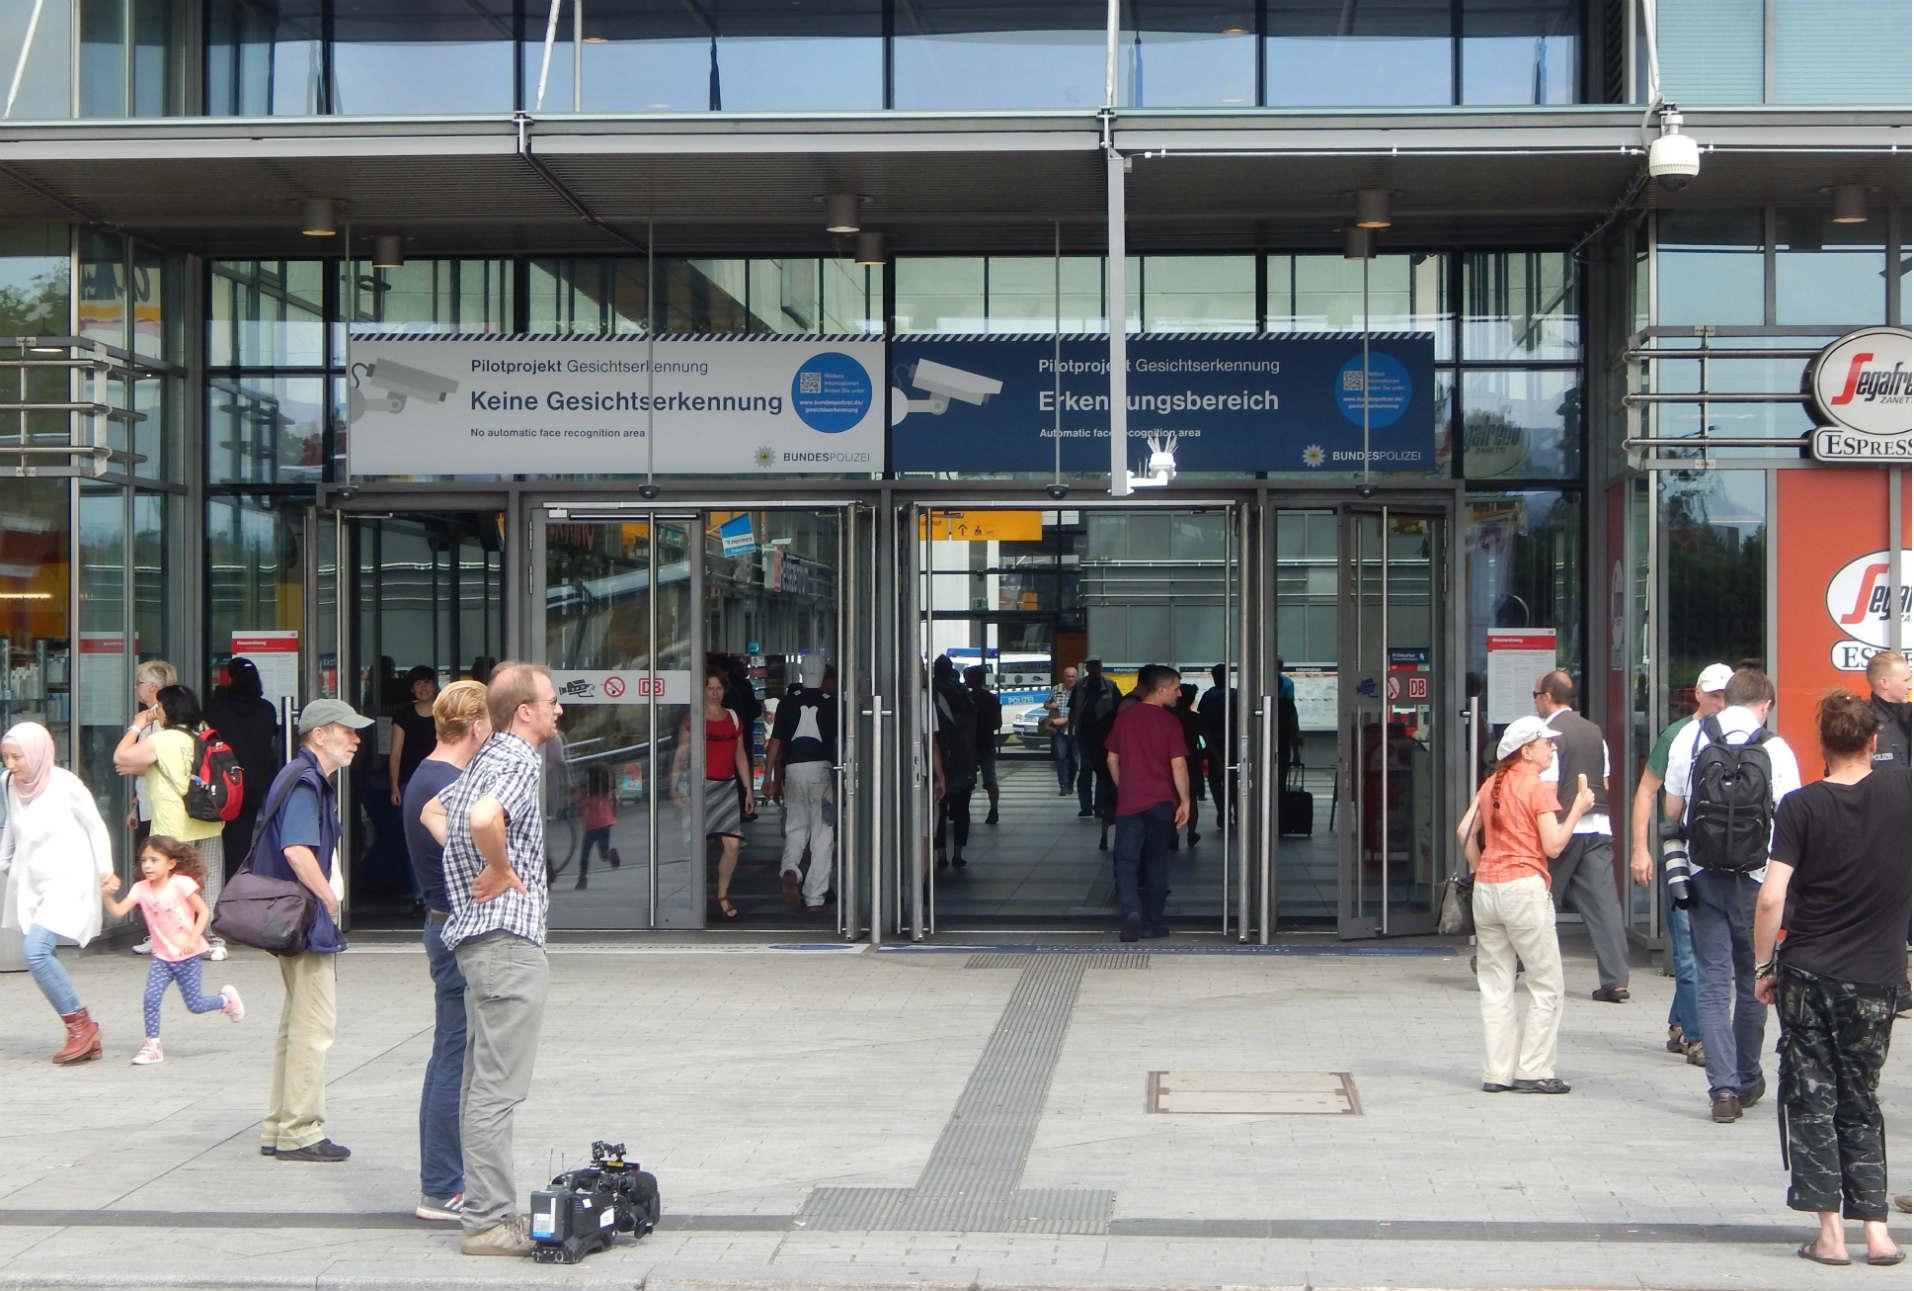 Alemania prueba su primer sistema de reconocimiento facial en espacios públicos